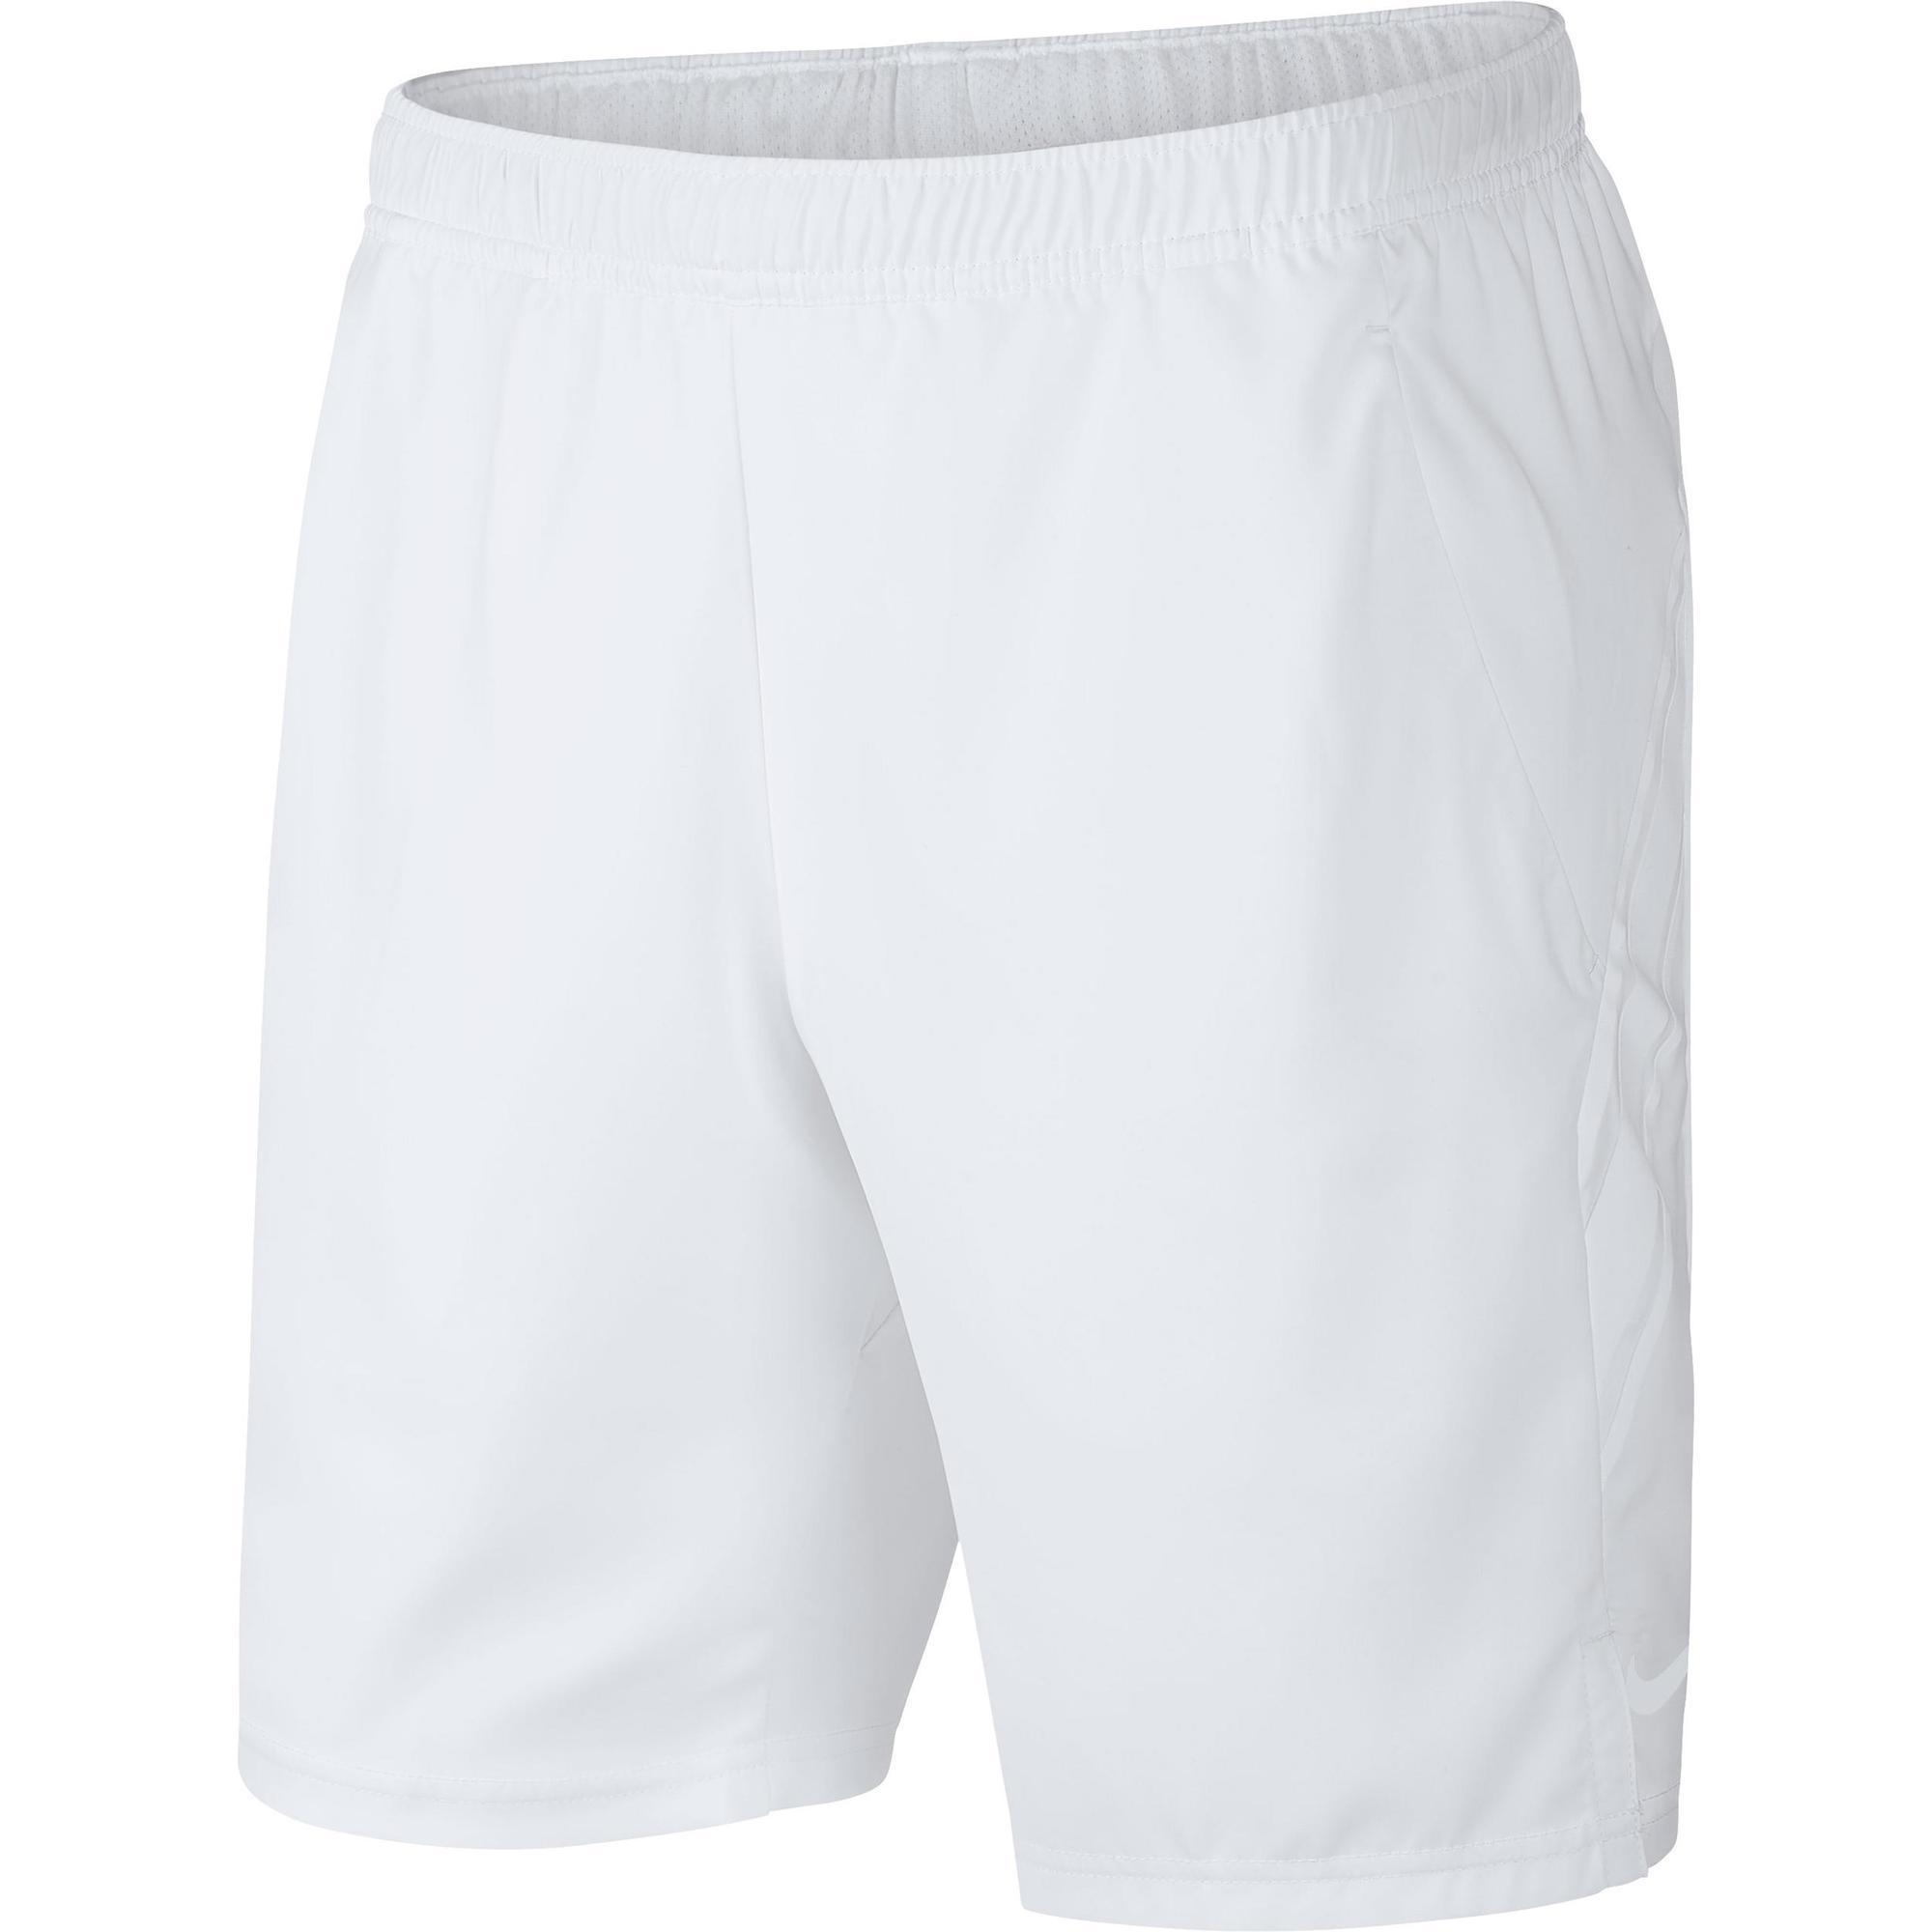 Tennis-Shorts Herren Dri Fit weiß | Sportbekleidung > Sporthosen > Tennisshorts | Weiß | Ab | Nike